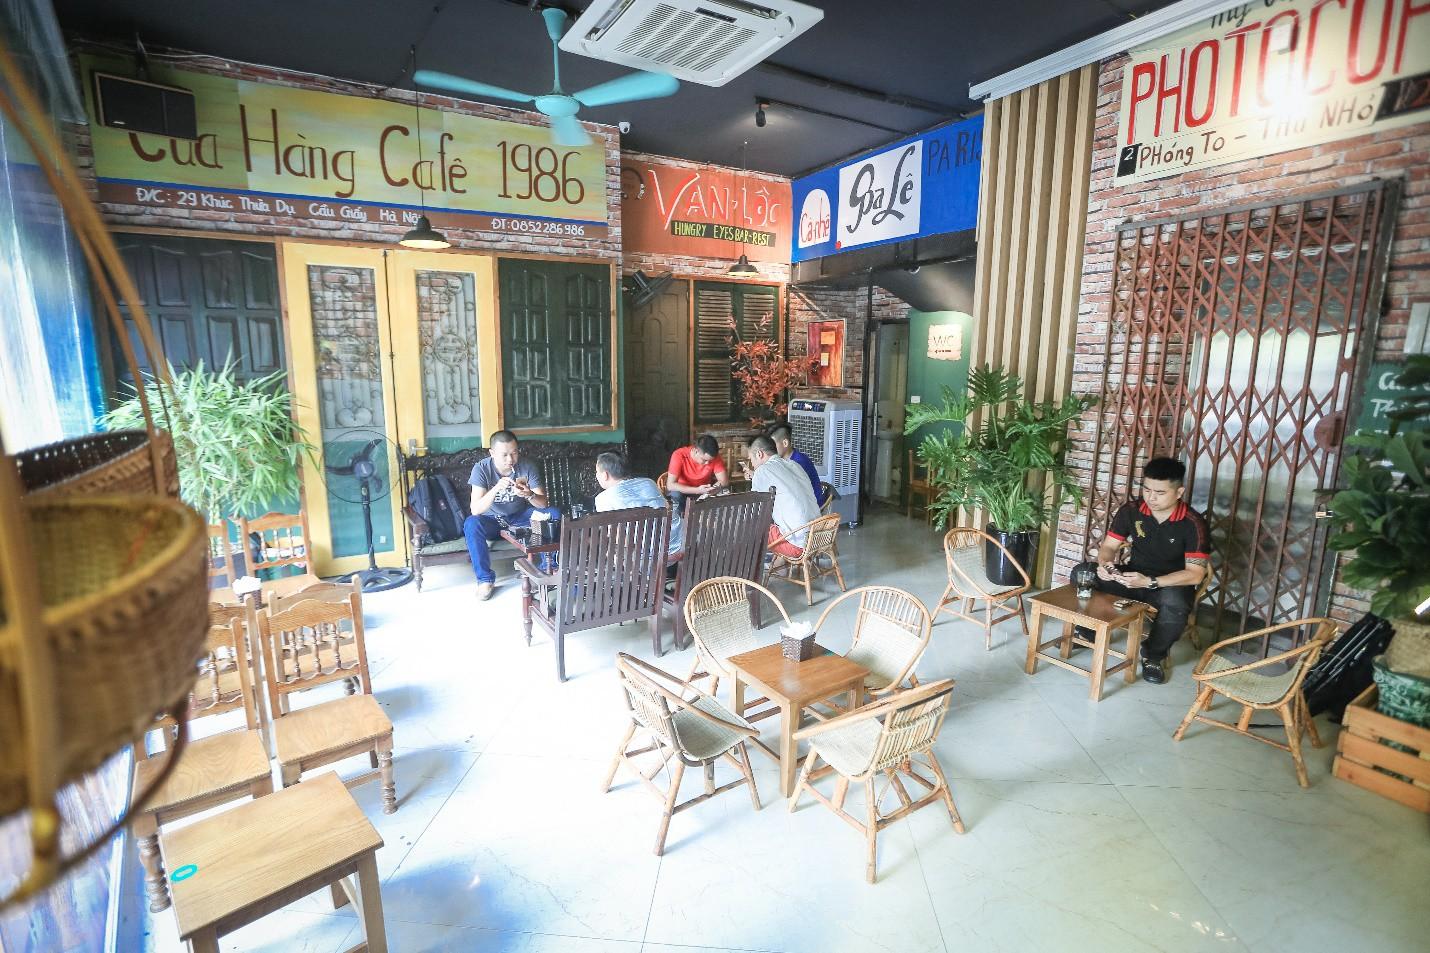 """Cafe 1986: Quán cafe """"2 trong 1"""", chẳng cần nhức đầu suy nghĩ đi đâu làm gì trong mùa hè này - Ảnh 2."""